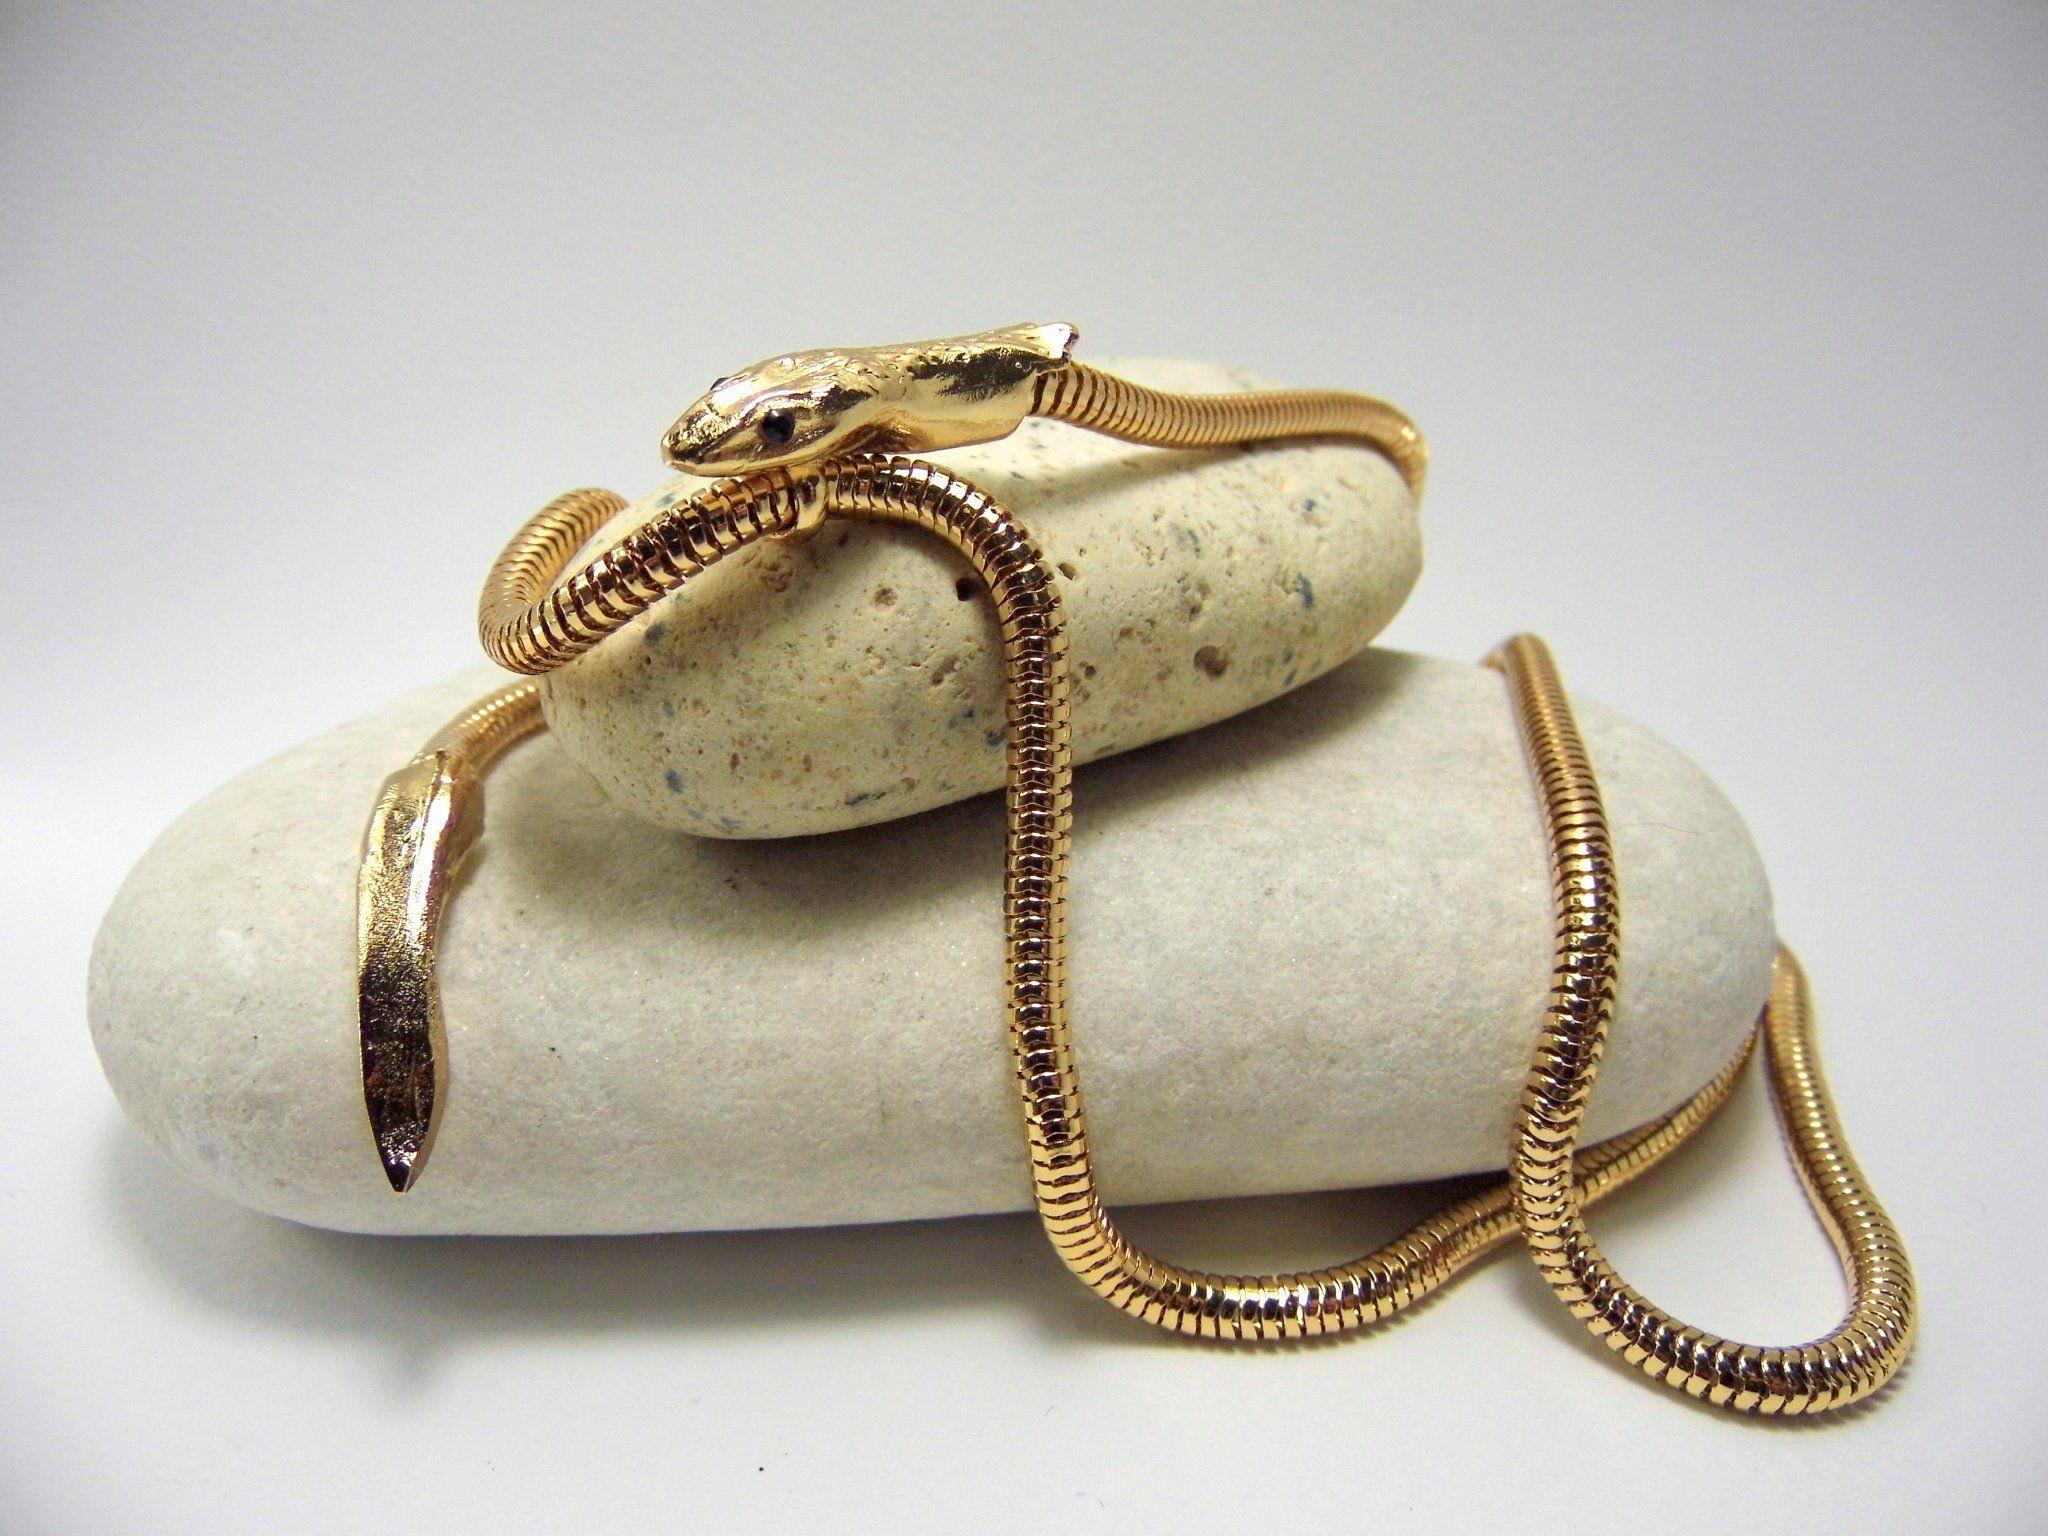 NUOVO di Metallo Oro Serpente Bracciale Braccialetto-Cleopatra Egiziana Costume